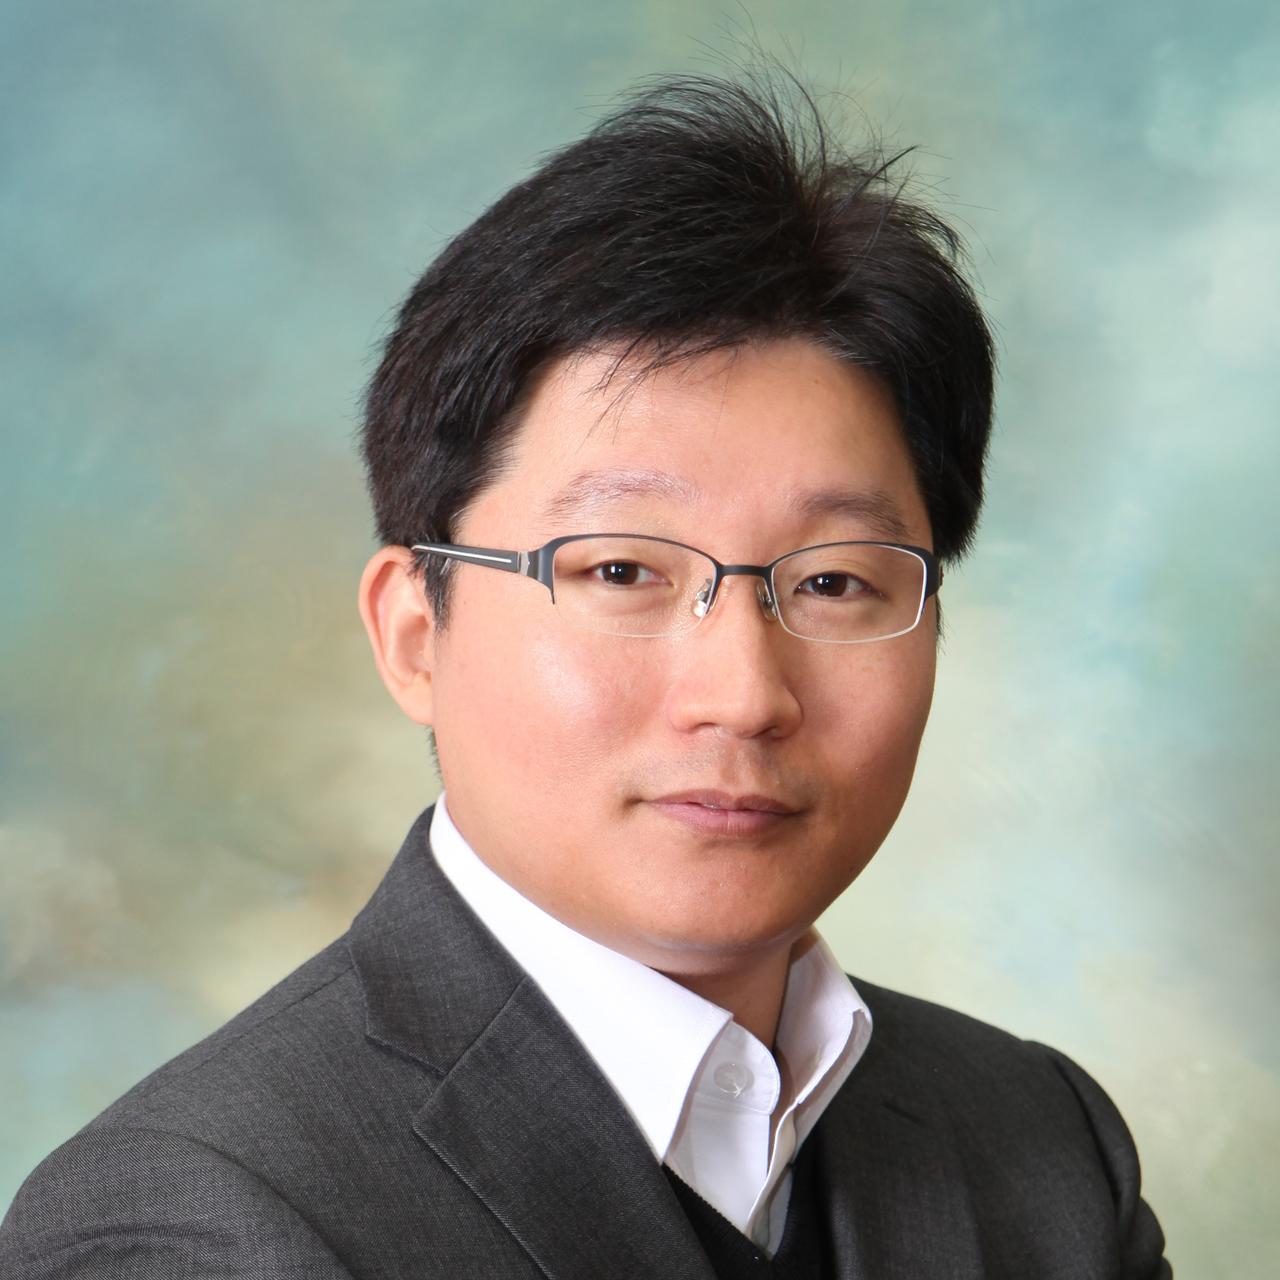 송민석 포항공과대학교 산업경영공학과 교수 (담당 강연: 인공지능 개요)